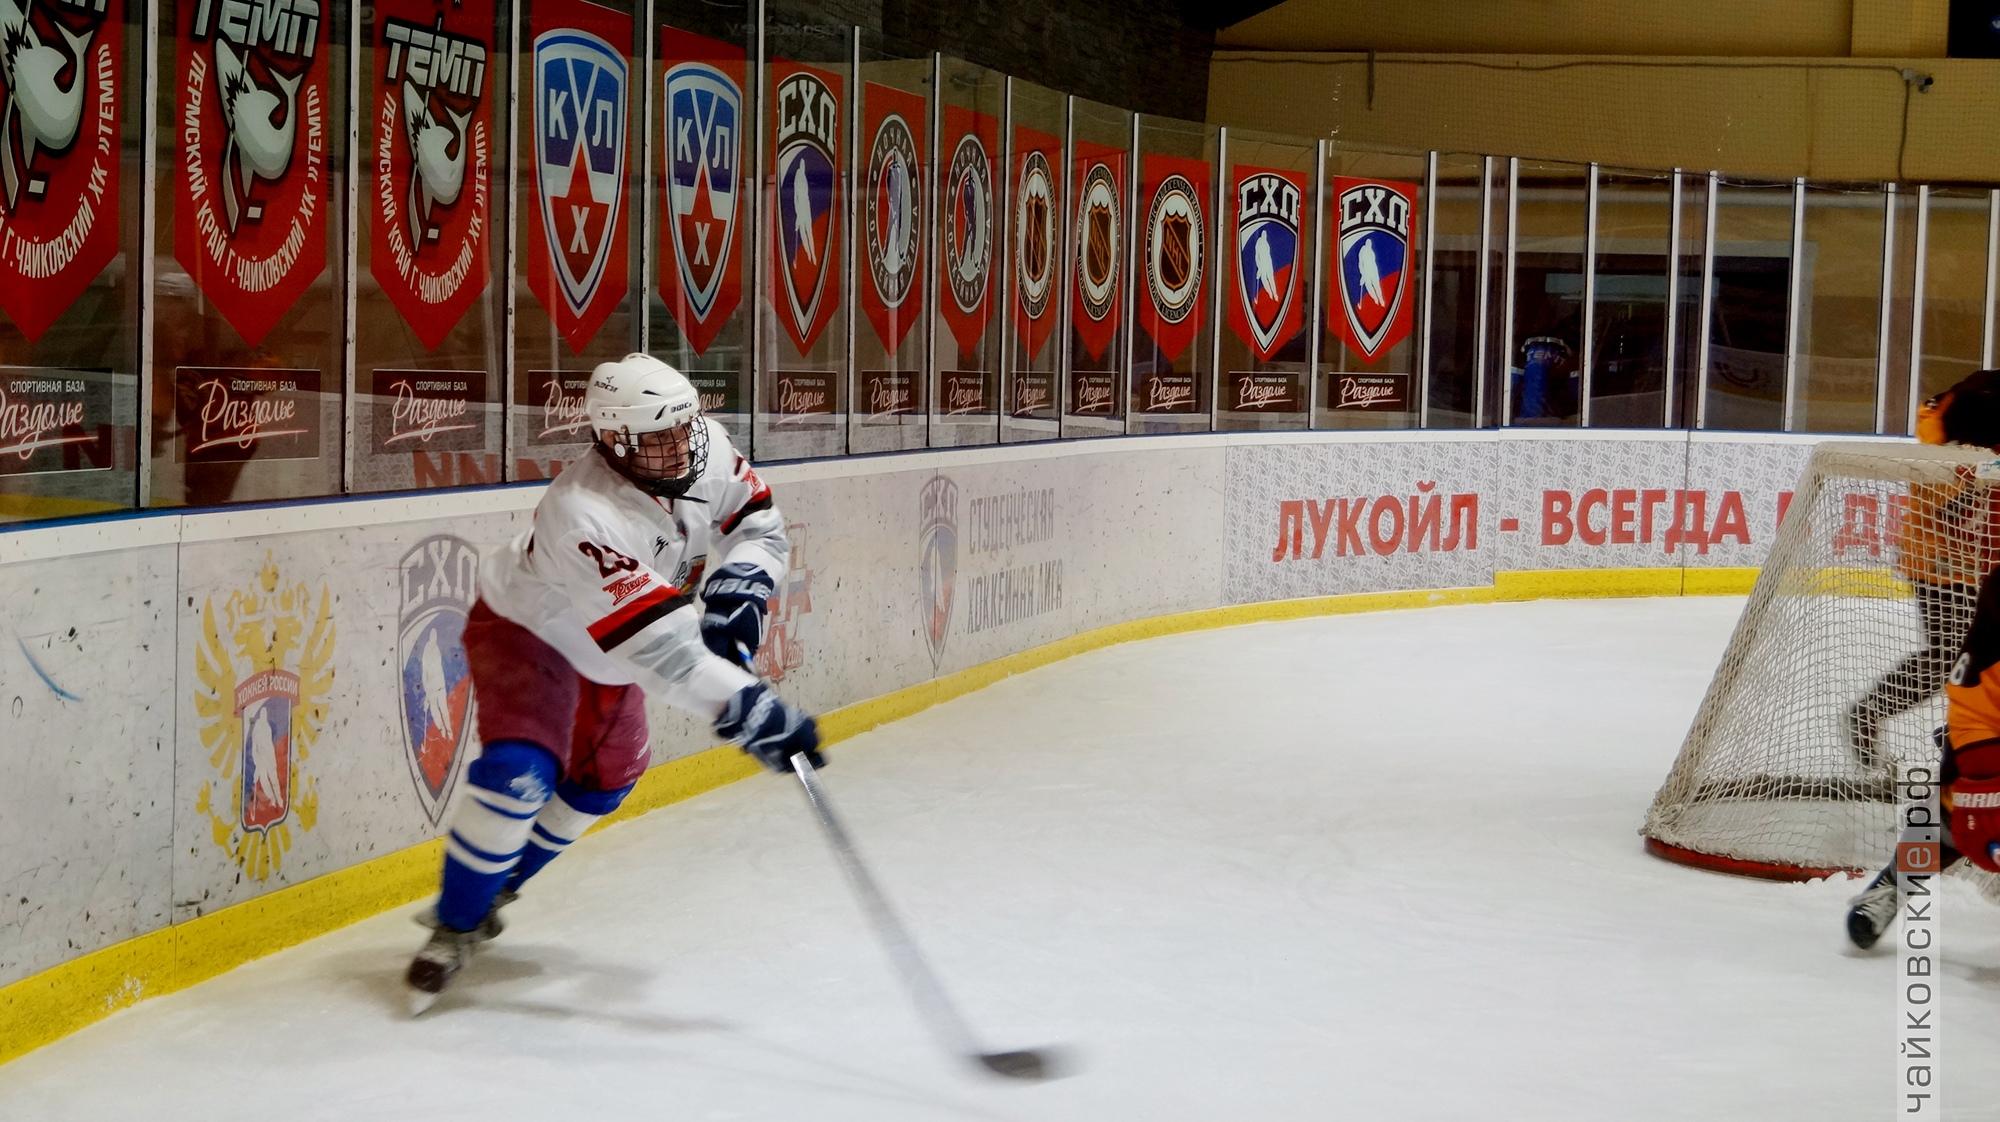 нхл, чайковский район, 2020 год, хоккей